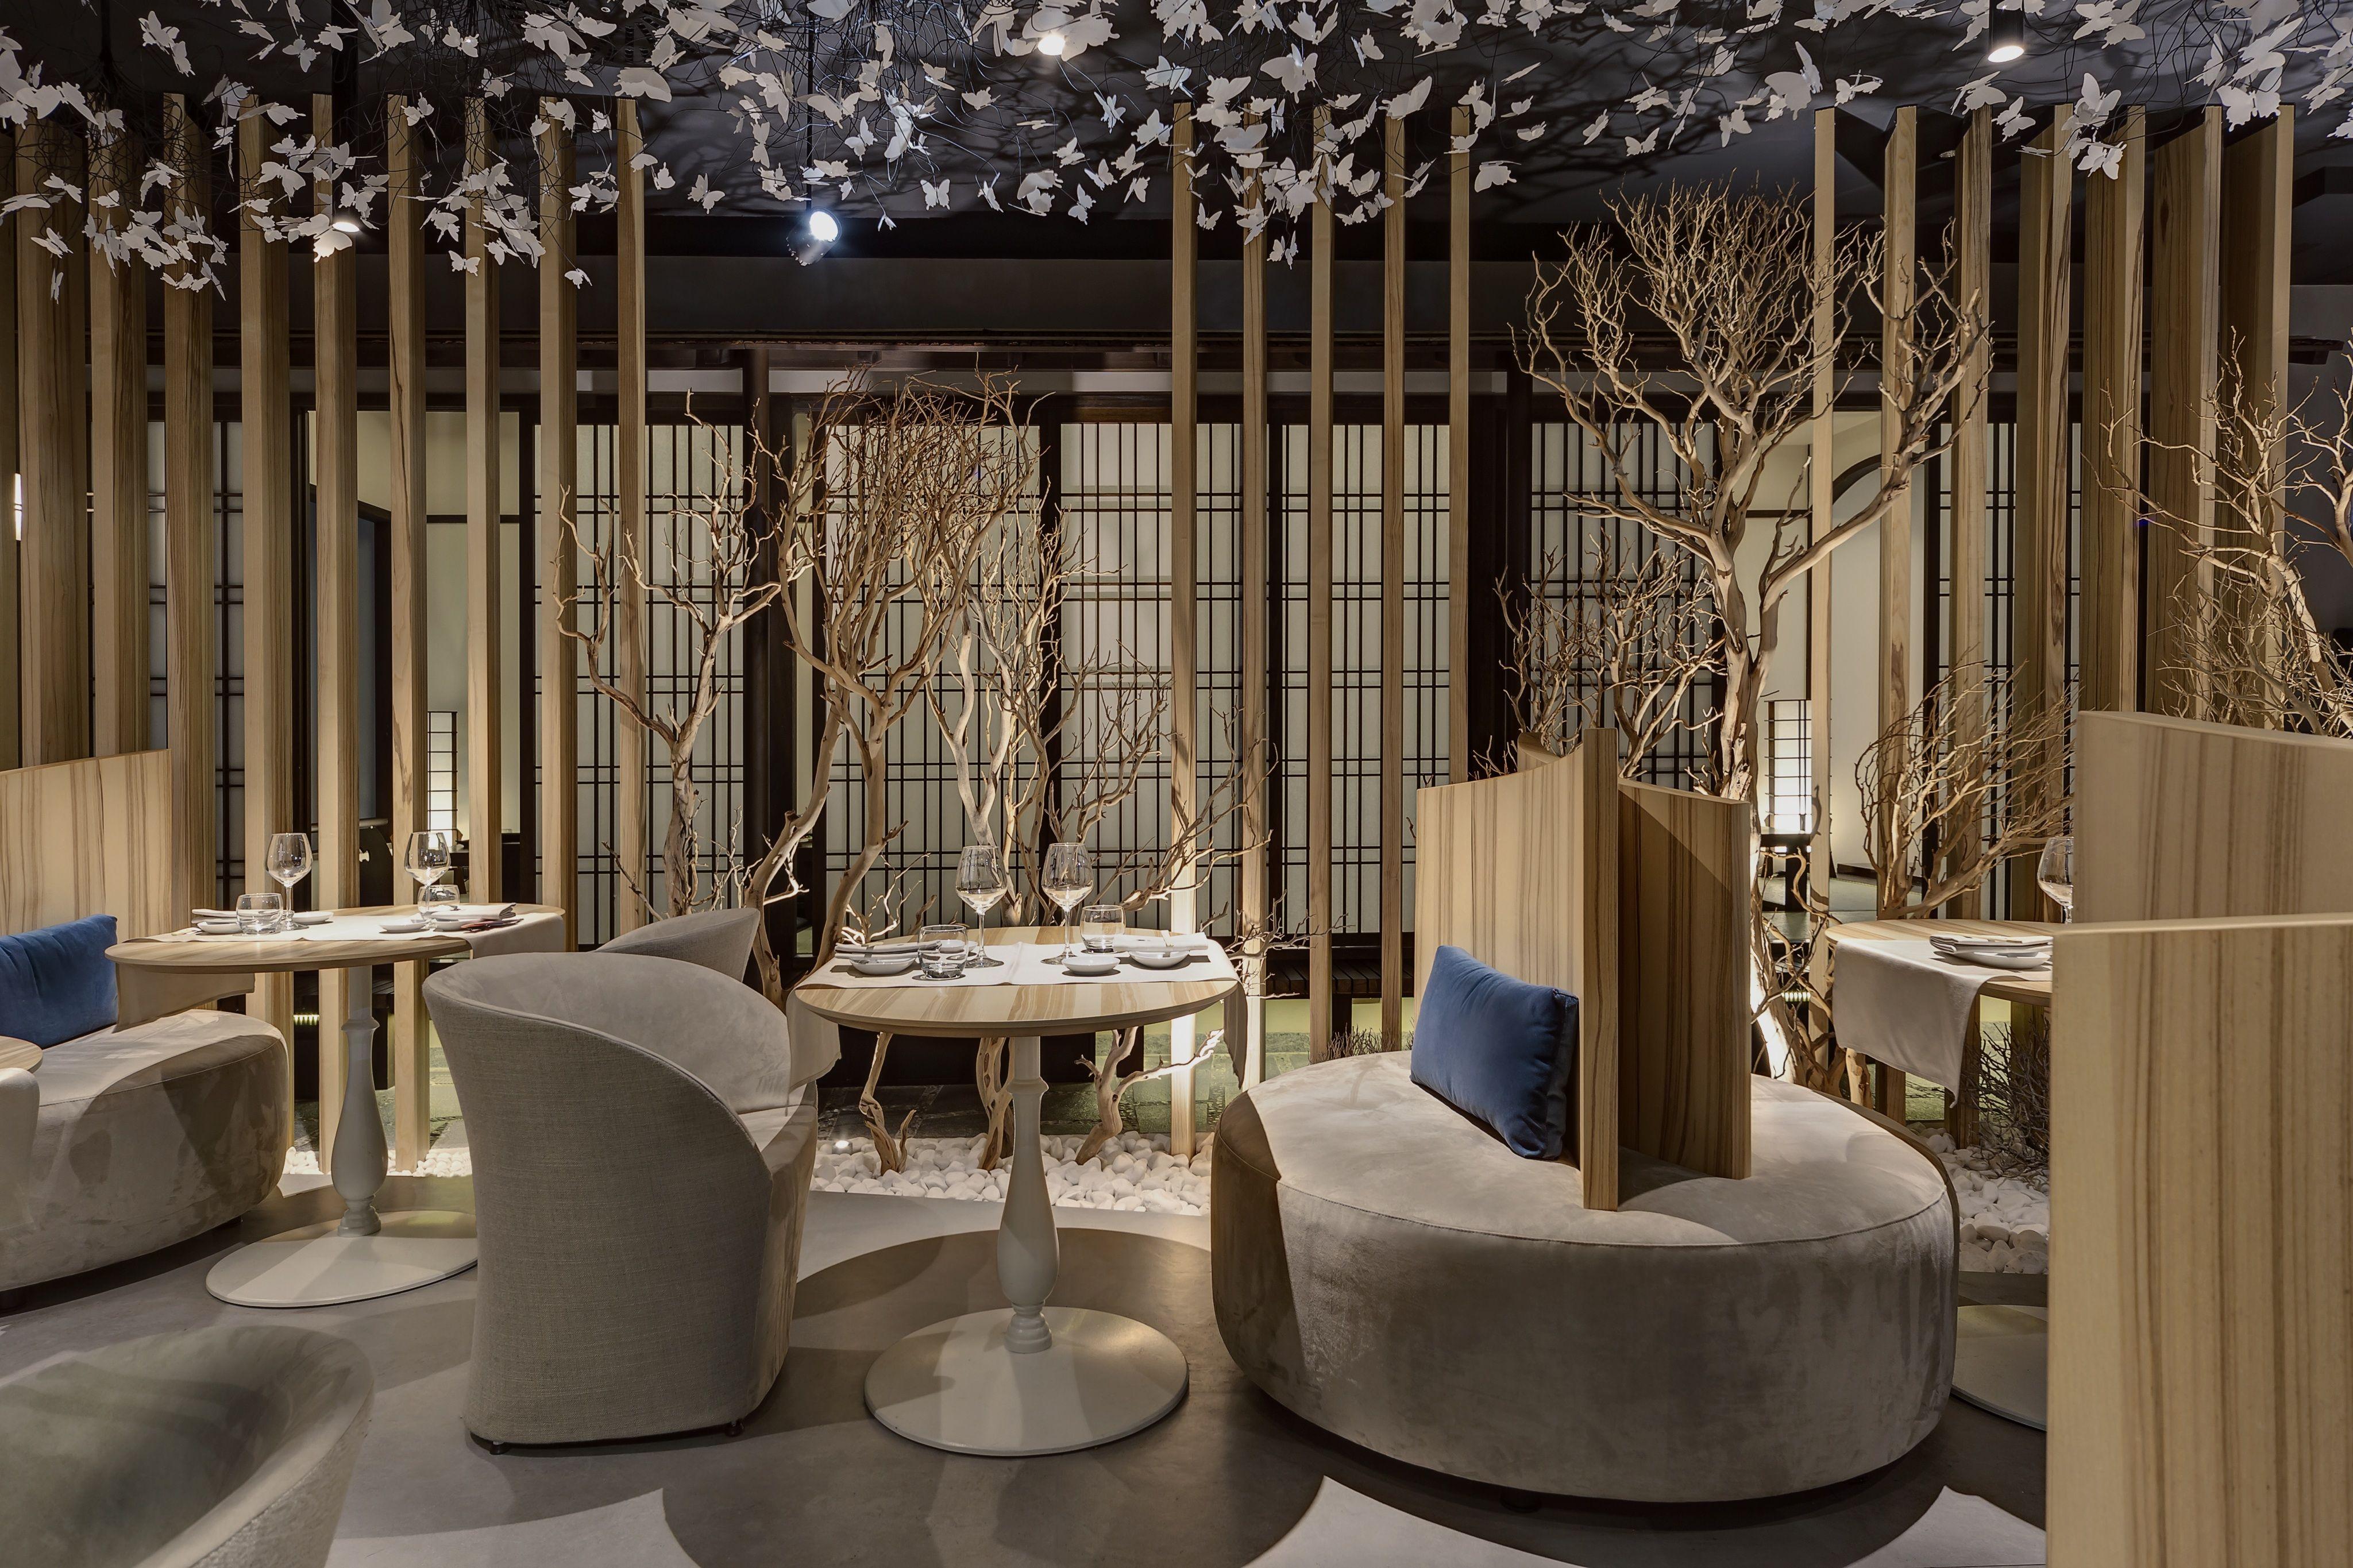 Design Per Ristoranti : Young per bar e ristoranti sedia di design per ristorante